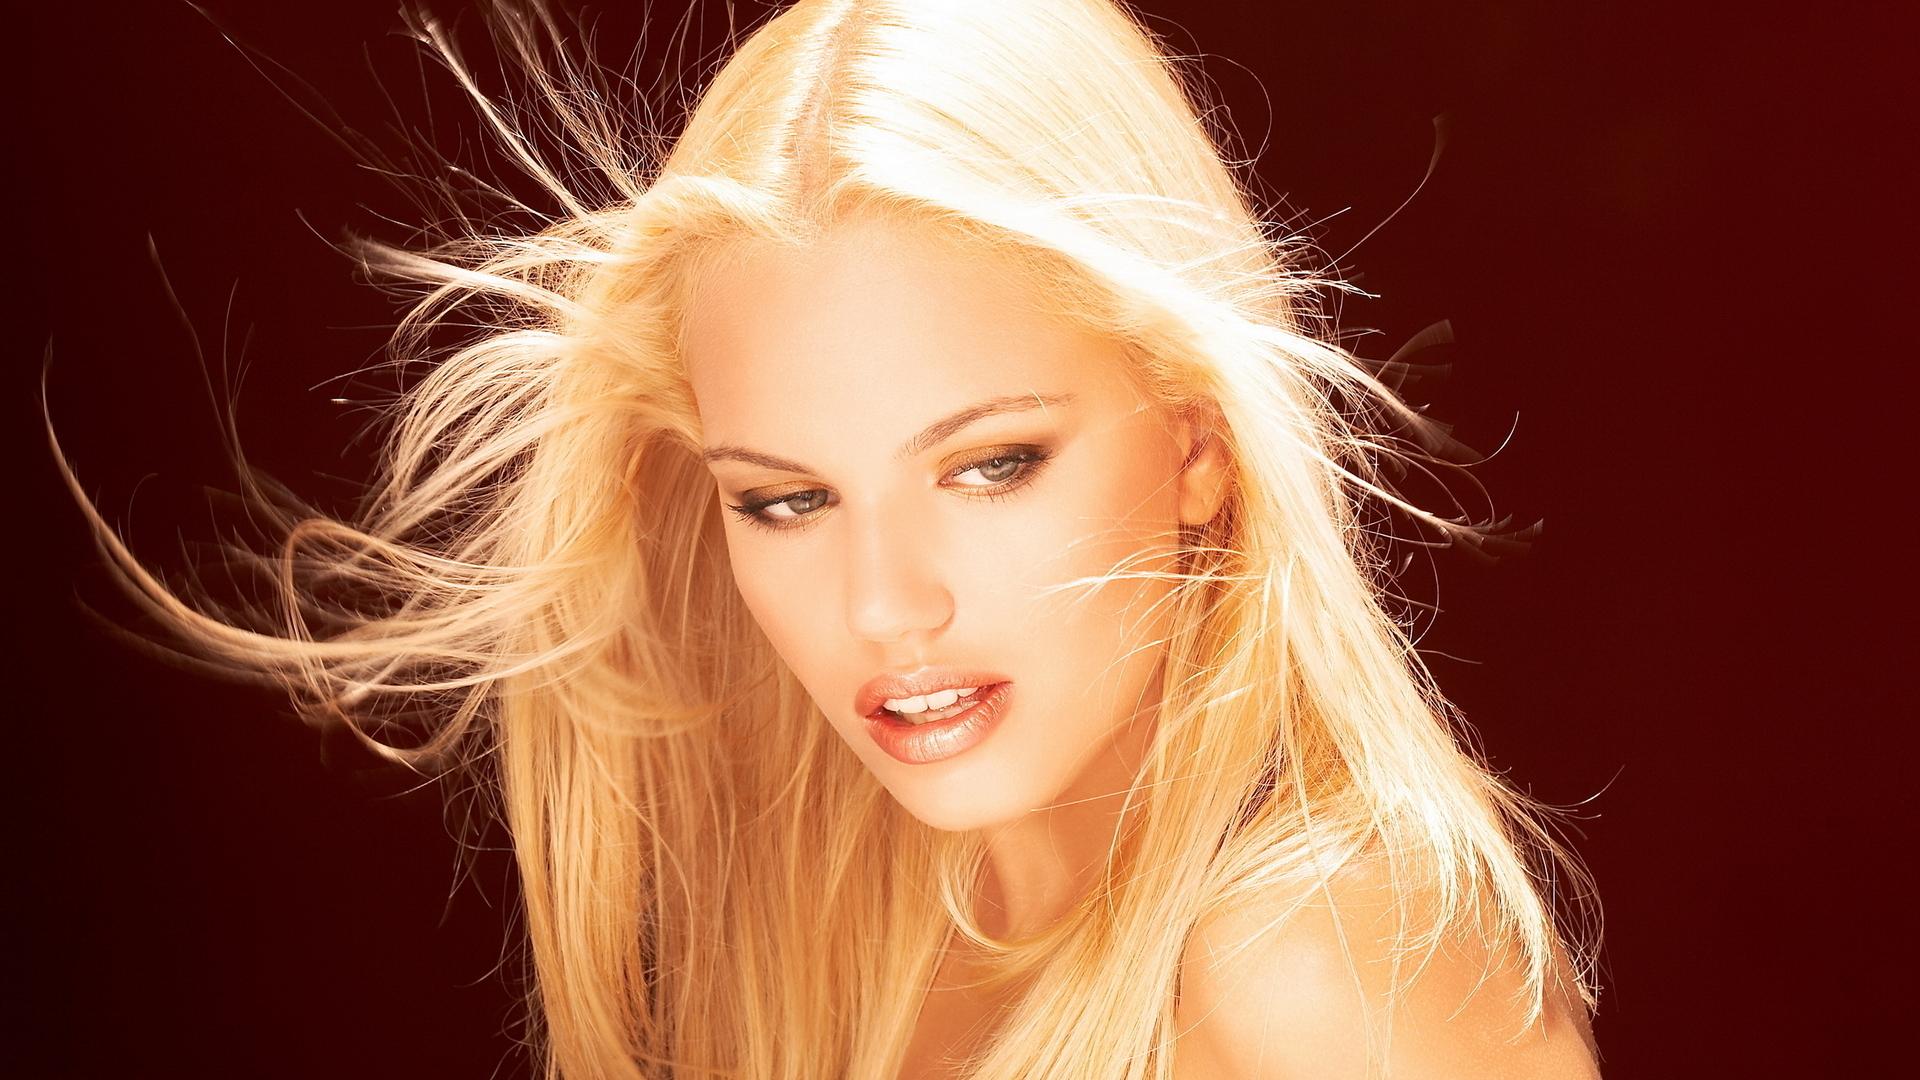 Обои картинки фото девушка блондинка